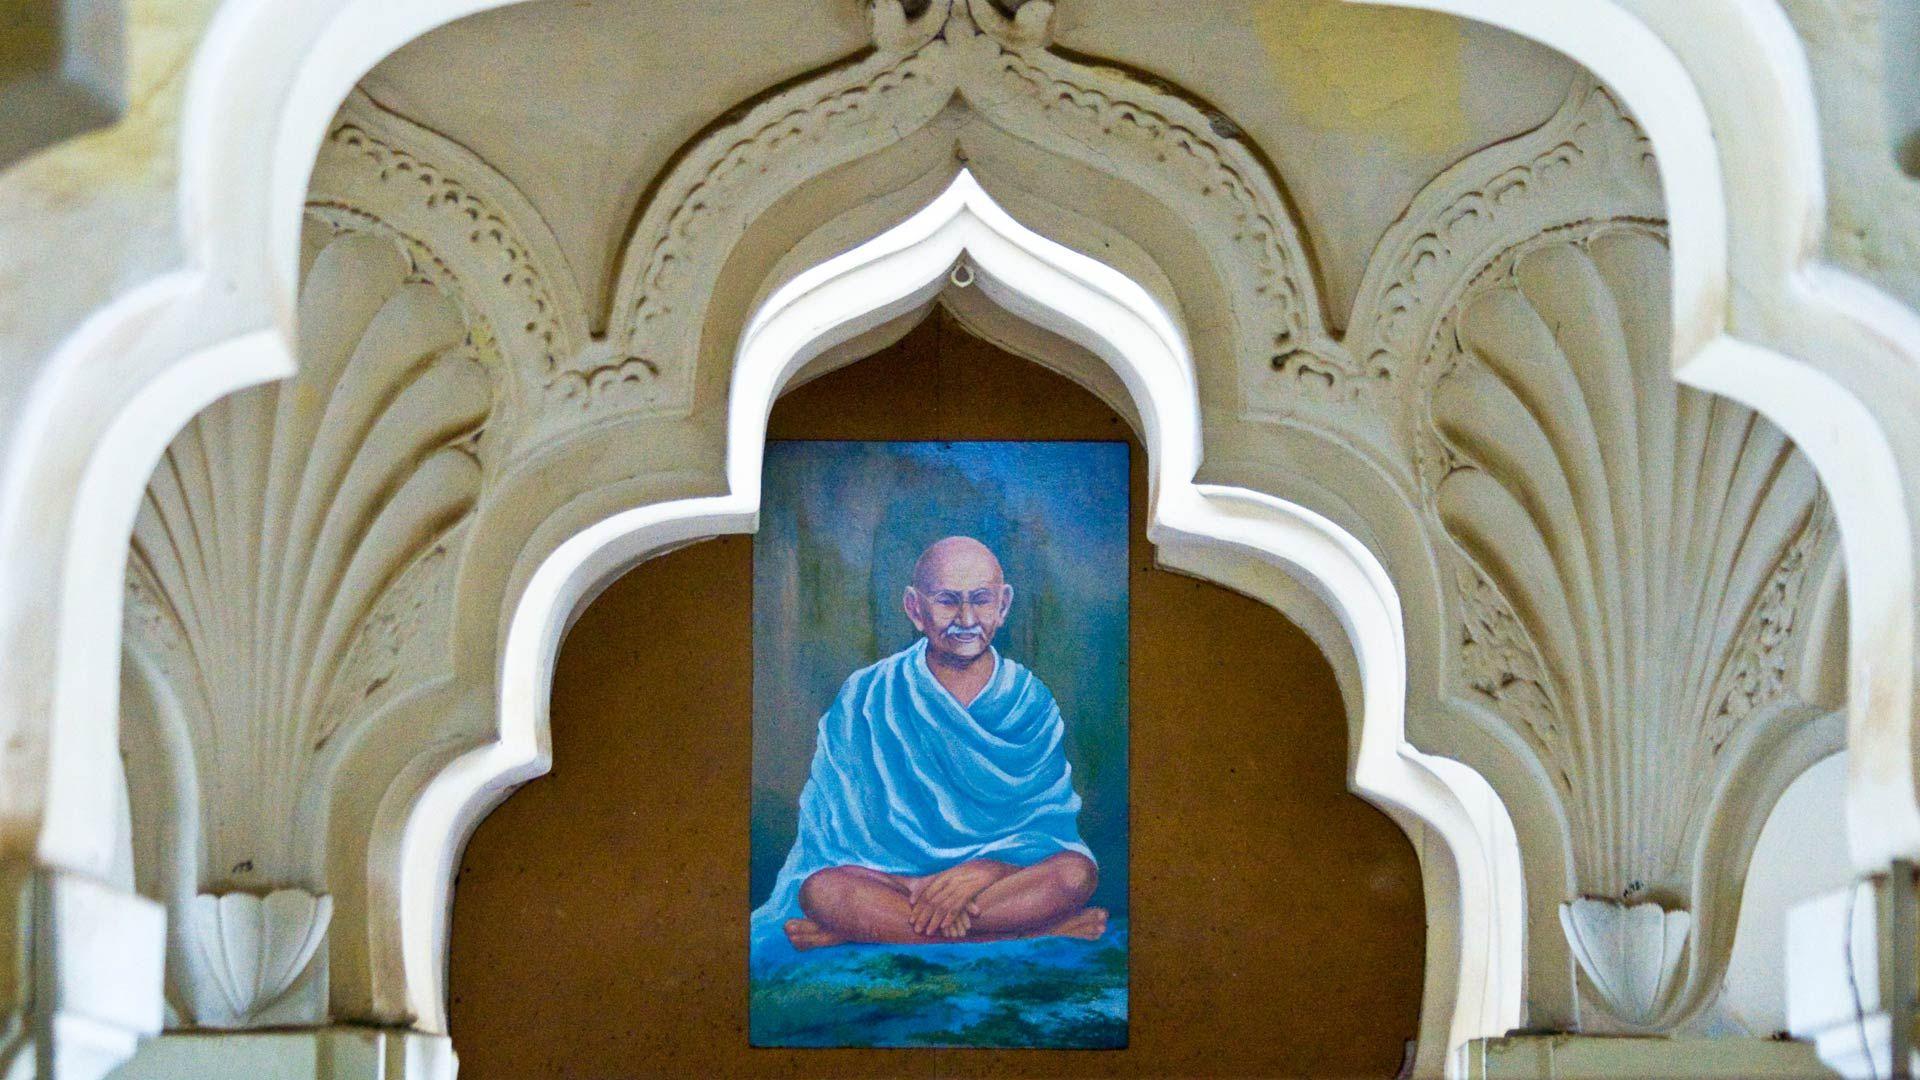 Painting of Gandhi inside Gandhi Memorial Museum, Madurai